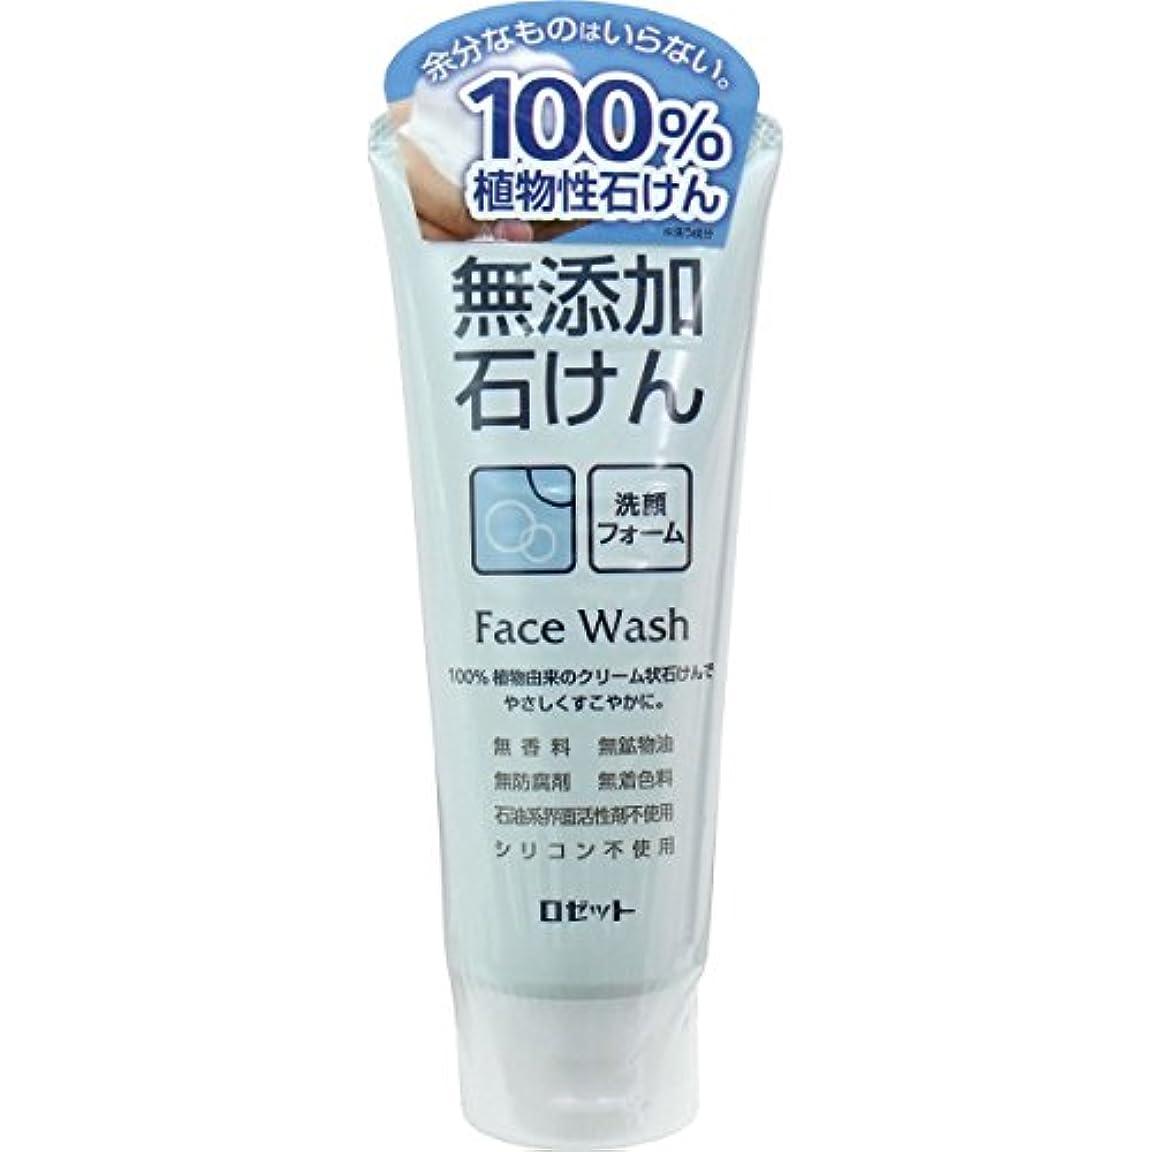 構成員柱遊び場【ロゼット】無添加石けん 洗顔フォーム 140g ×20個セット